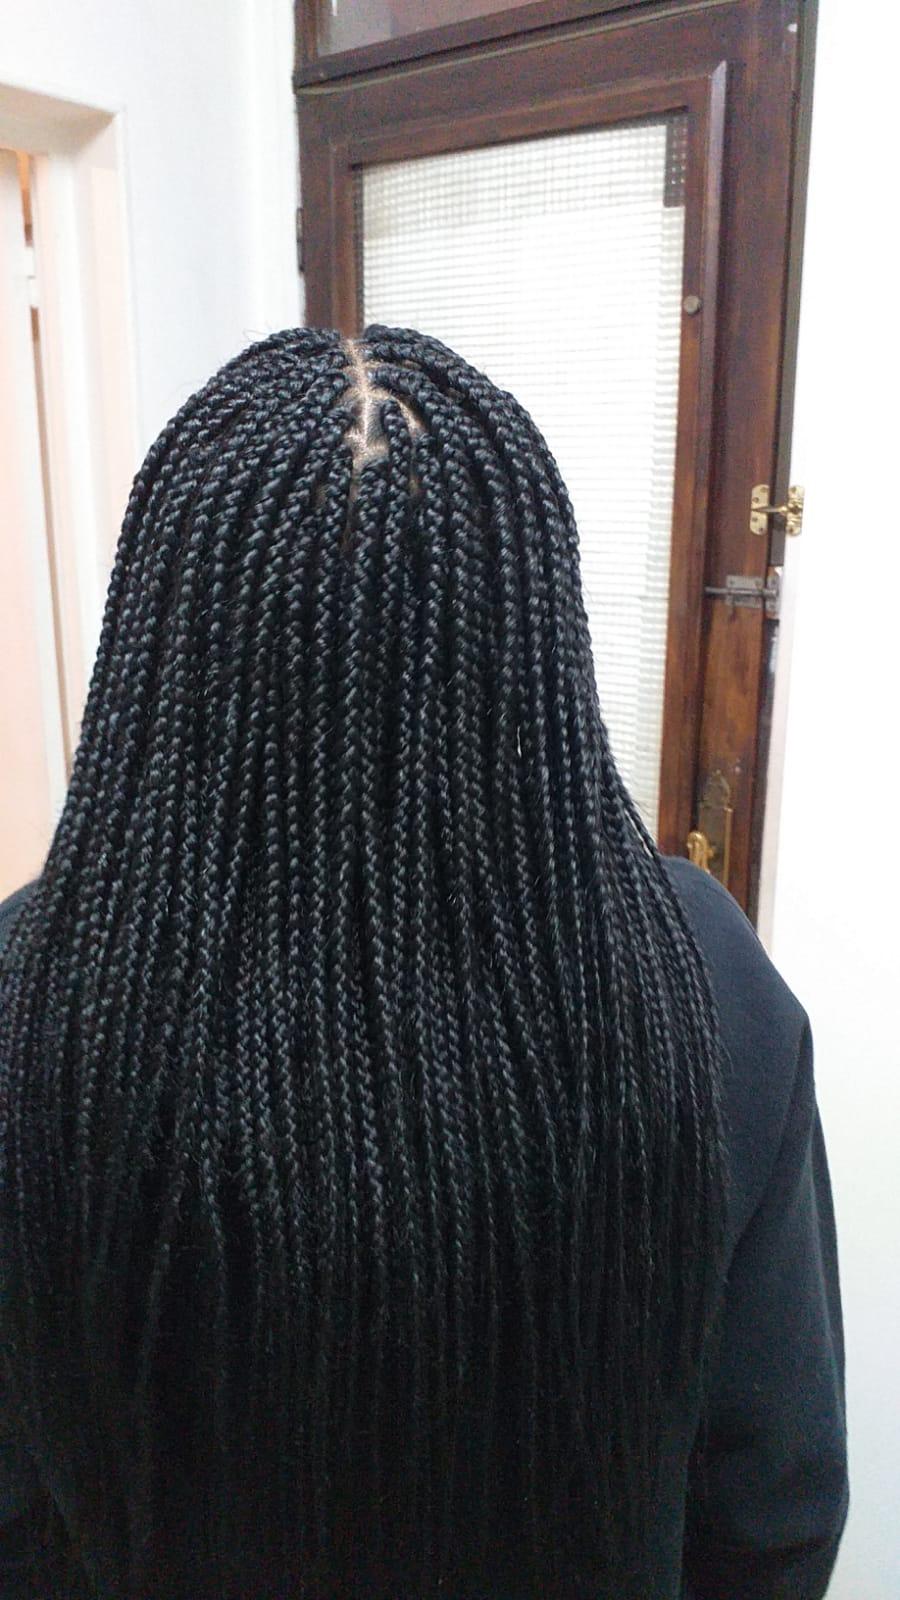 salon de coiffure afro tresse tresses box braids crochet braids vanilles tissages paris 75 77 78 91 92 93 94 95 GBKYGCDP